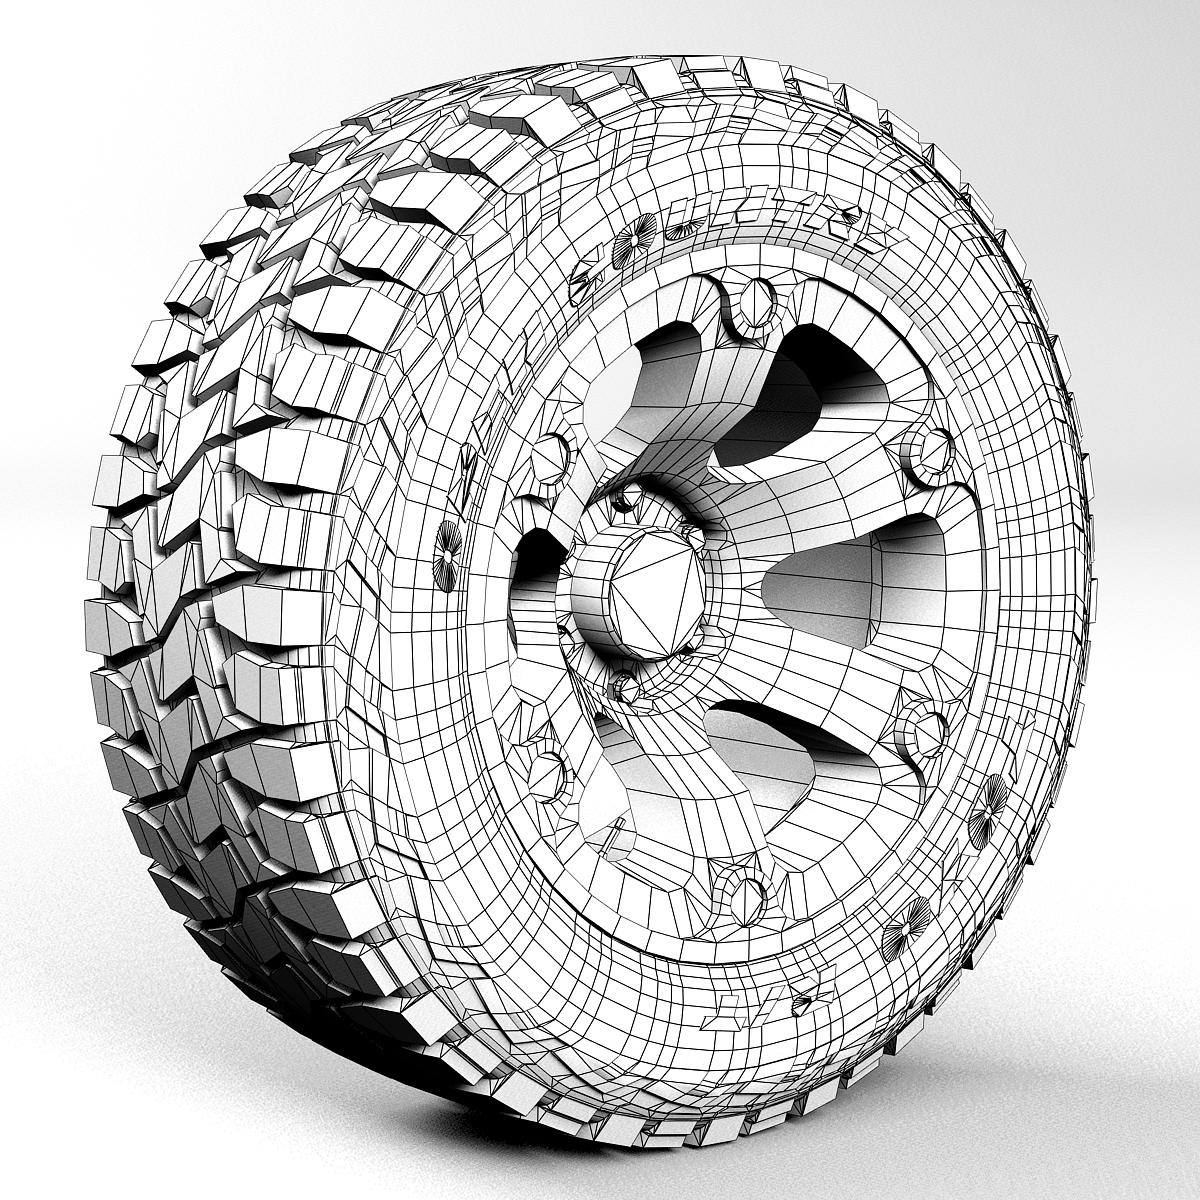 off road wheel and tire 2 3d model 3ds max fbx tga targa icb vda vst pix obj 224419